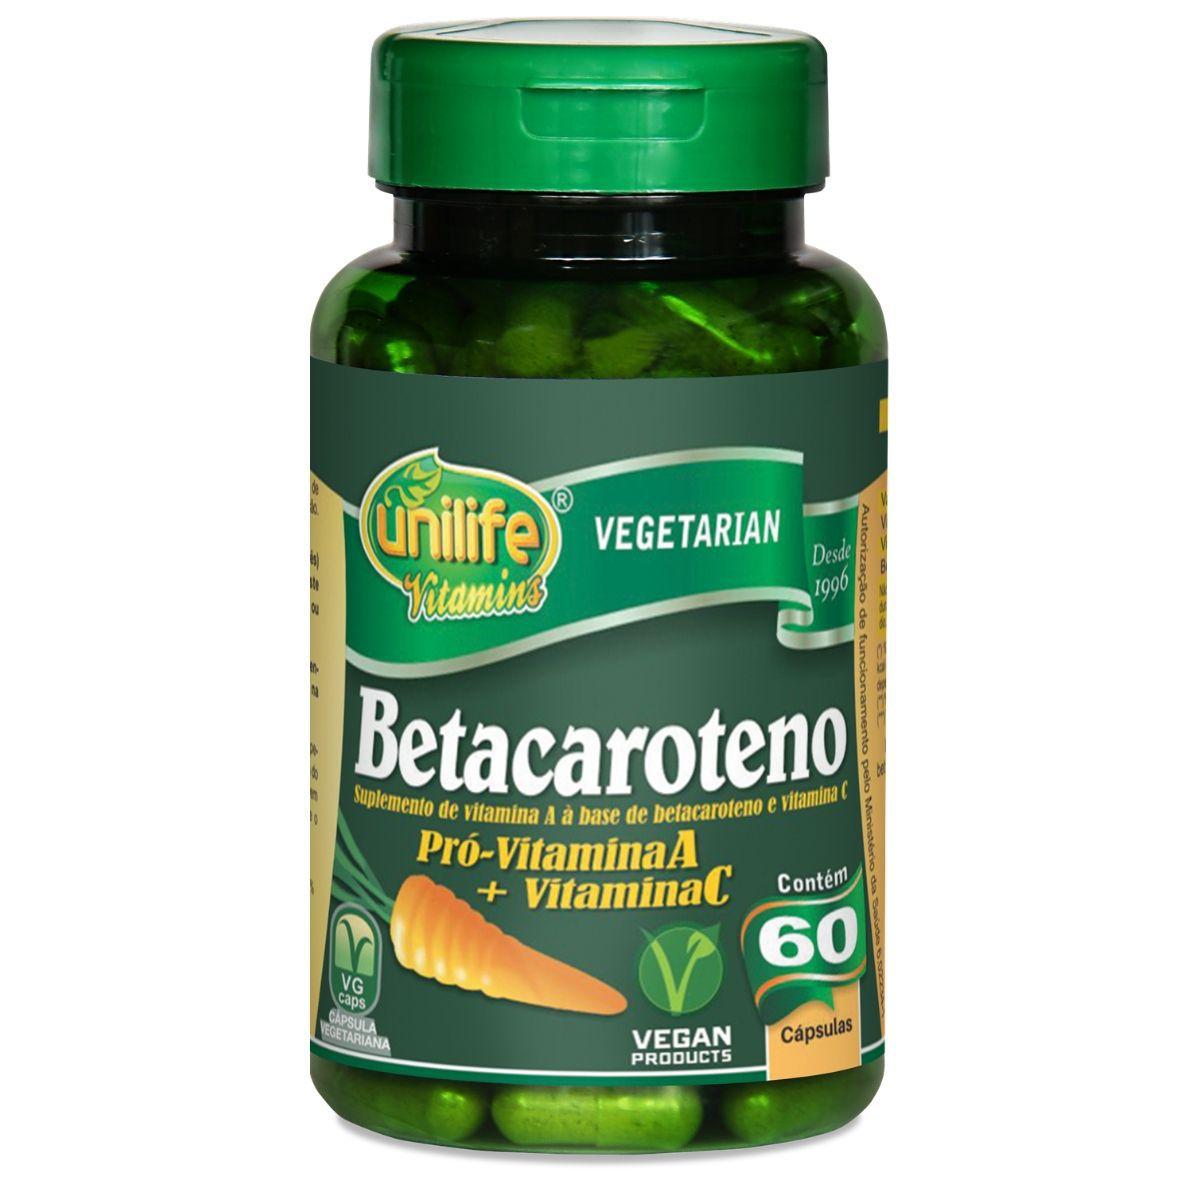 Betacaroteno Unilife - 500 Mg 60 Cápsulas